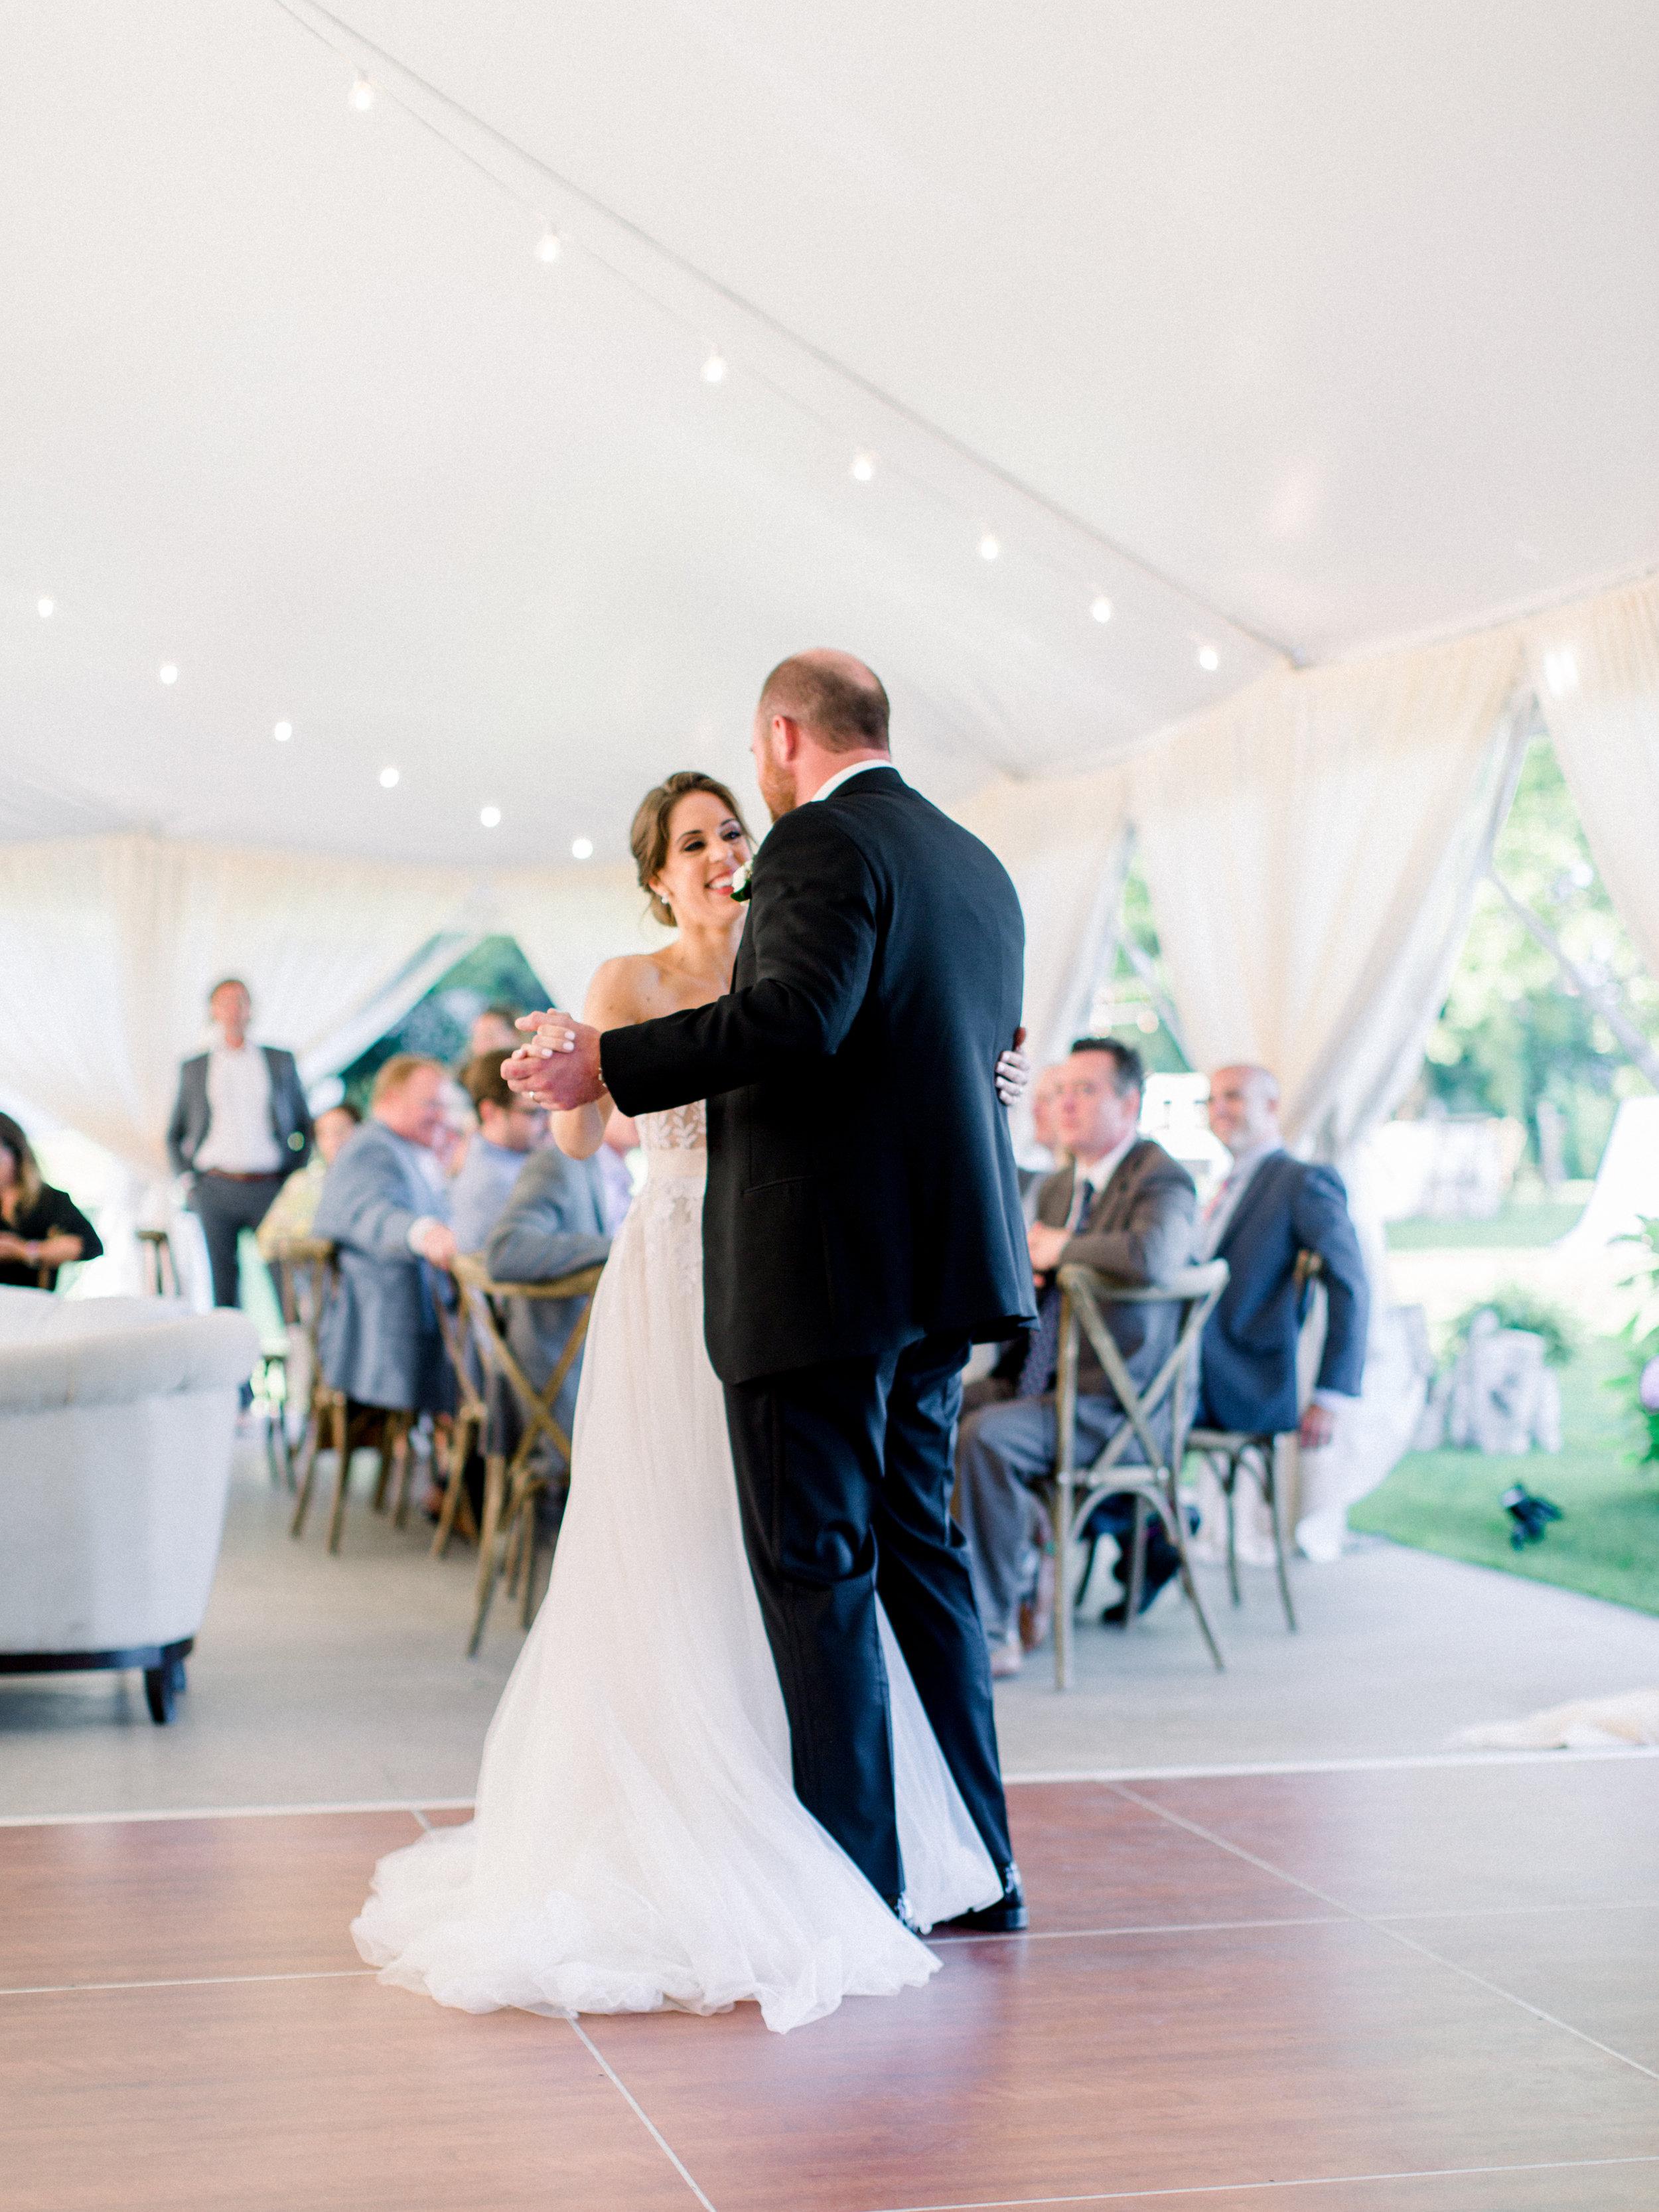 Steinlage+Wedding+Reception-117.jpg